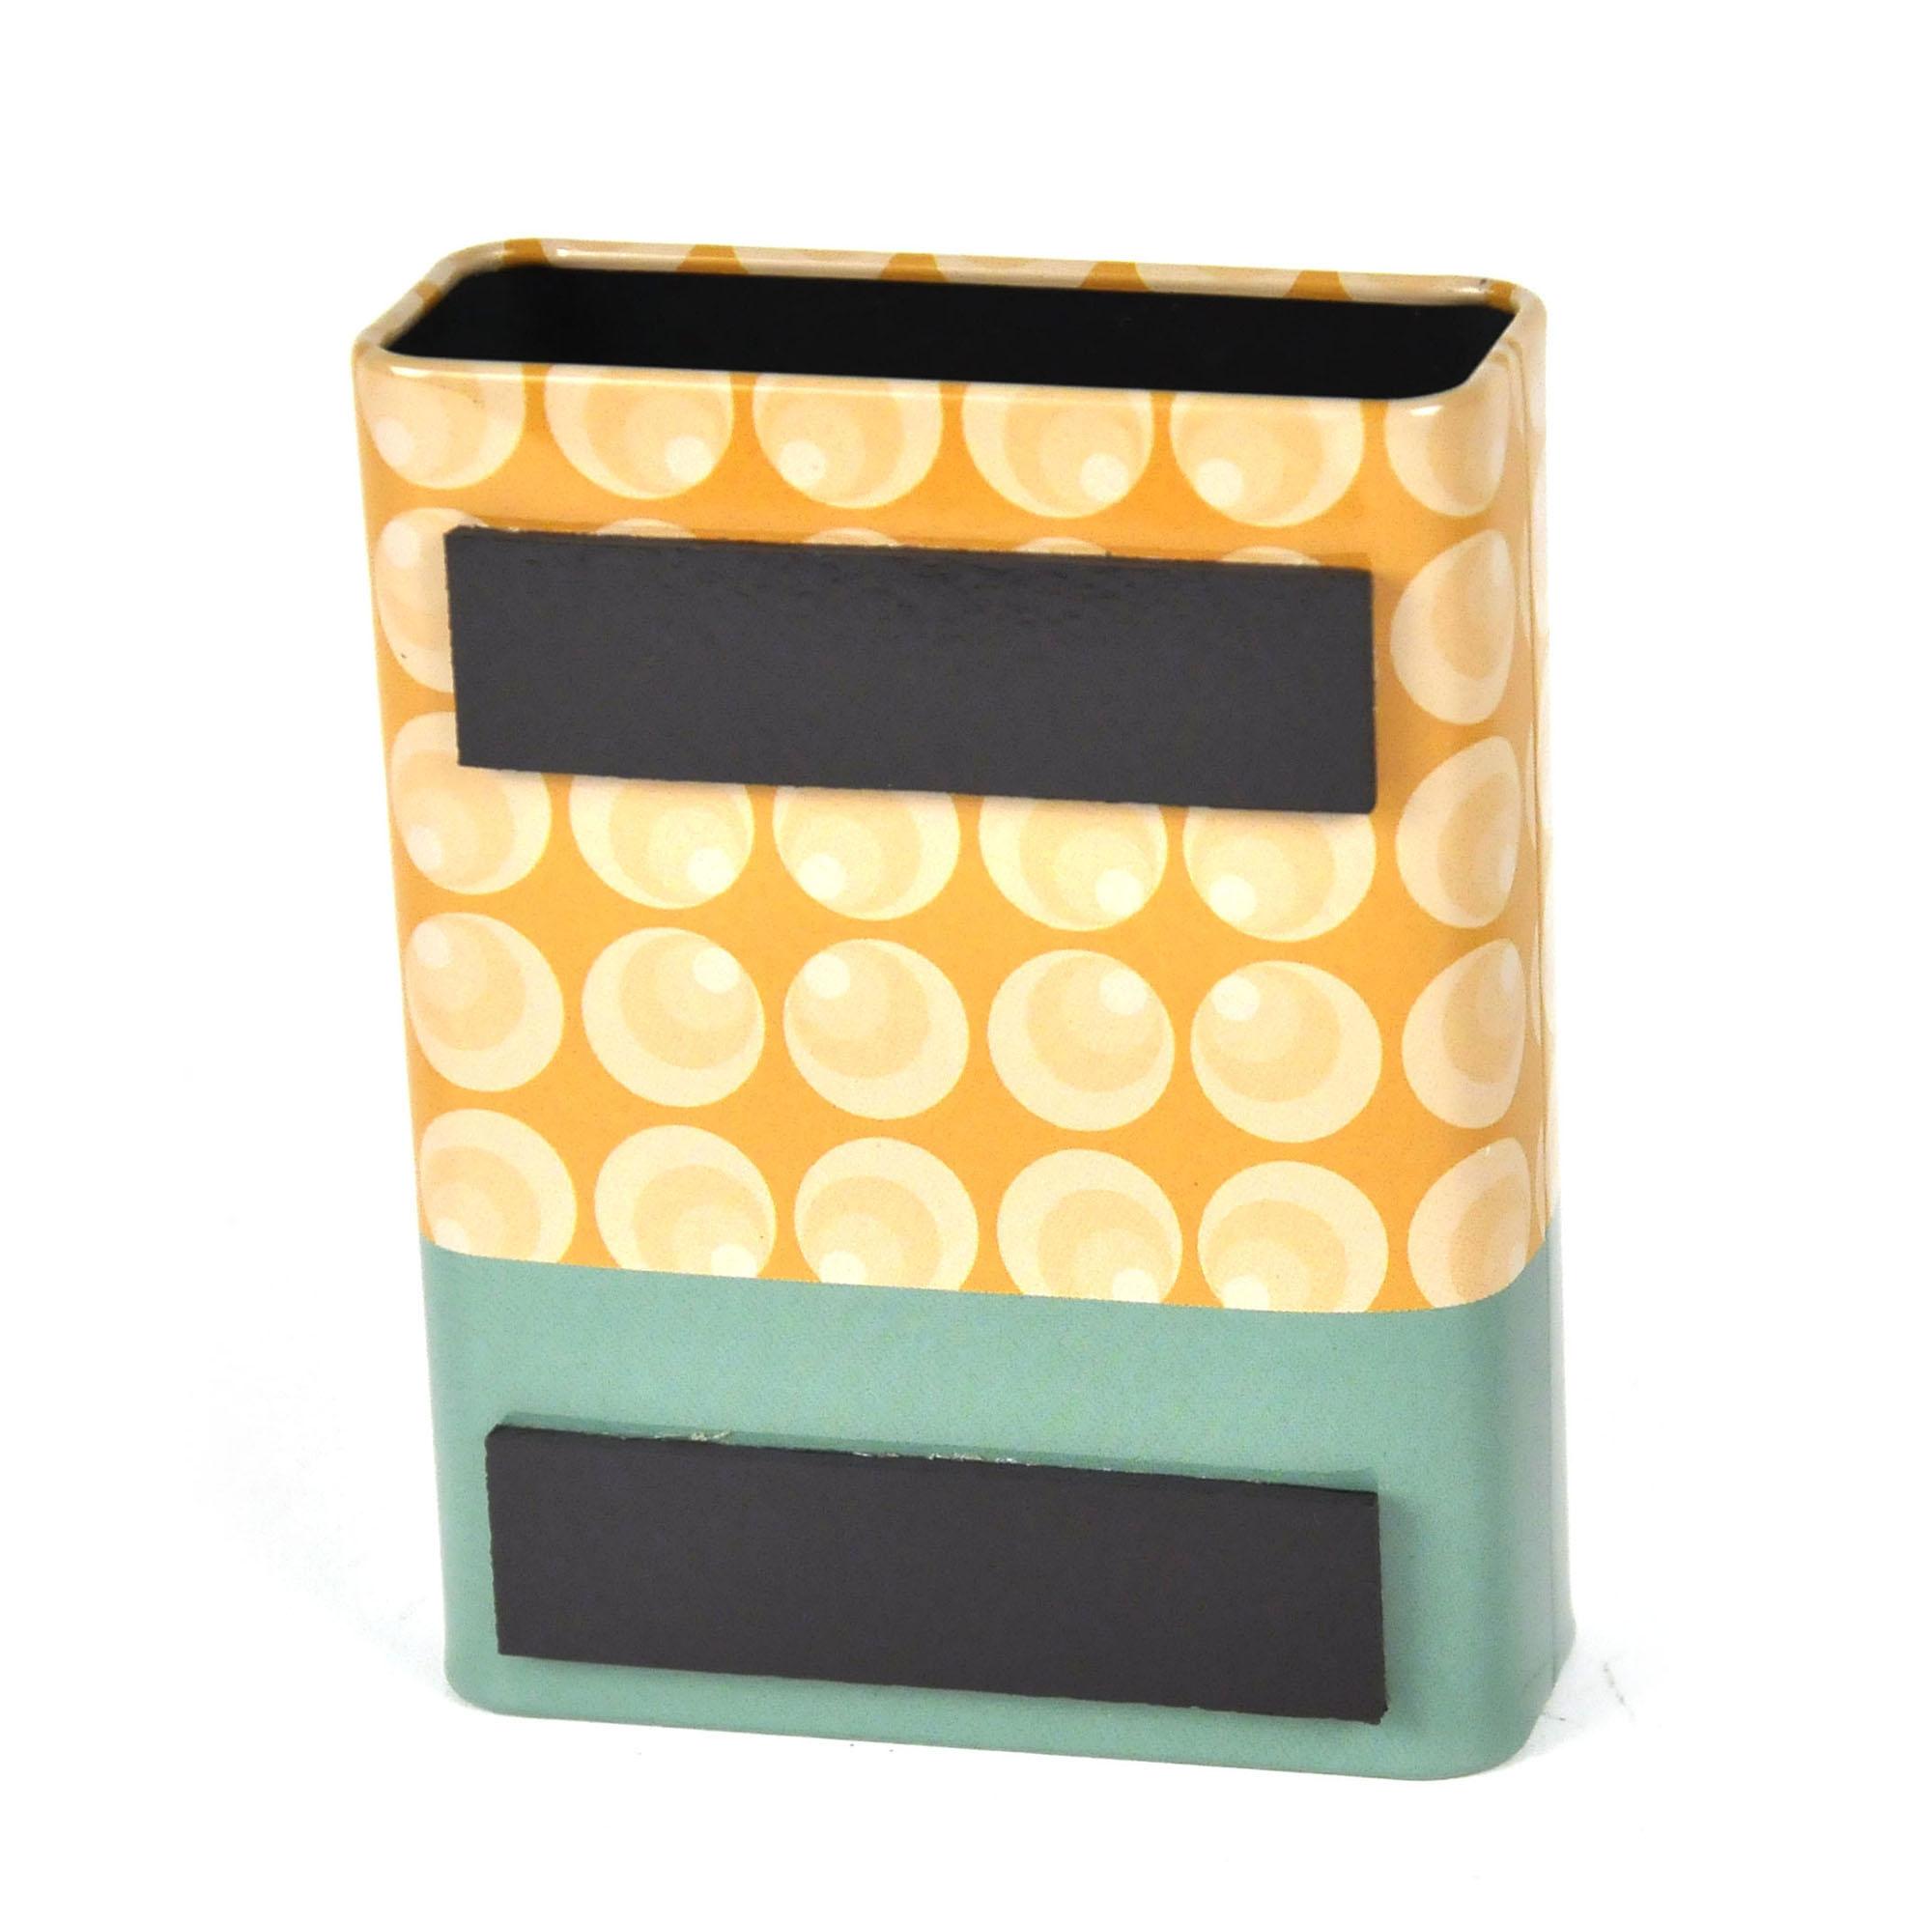 fridge magnet pen holder  i only have a kitchen because it came  - fridge magnet pen holder  i only have a kitchen because it came with thehouse